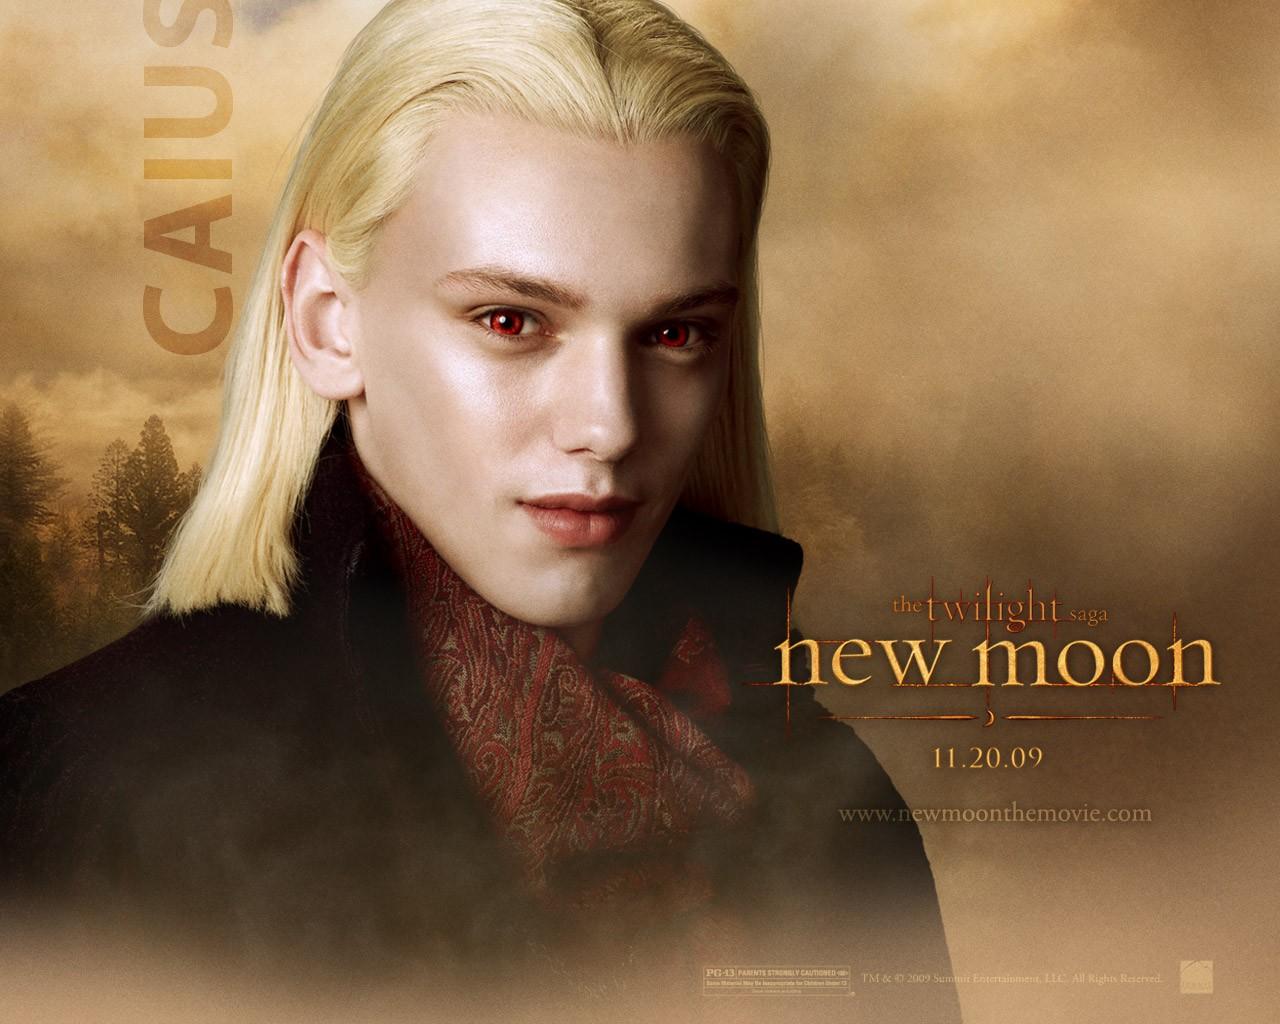 Un wallpaper dedicato al personaggio di Caius (Jamie Campbell Bower) per il film Twilight Saga: New Moon